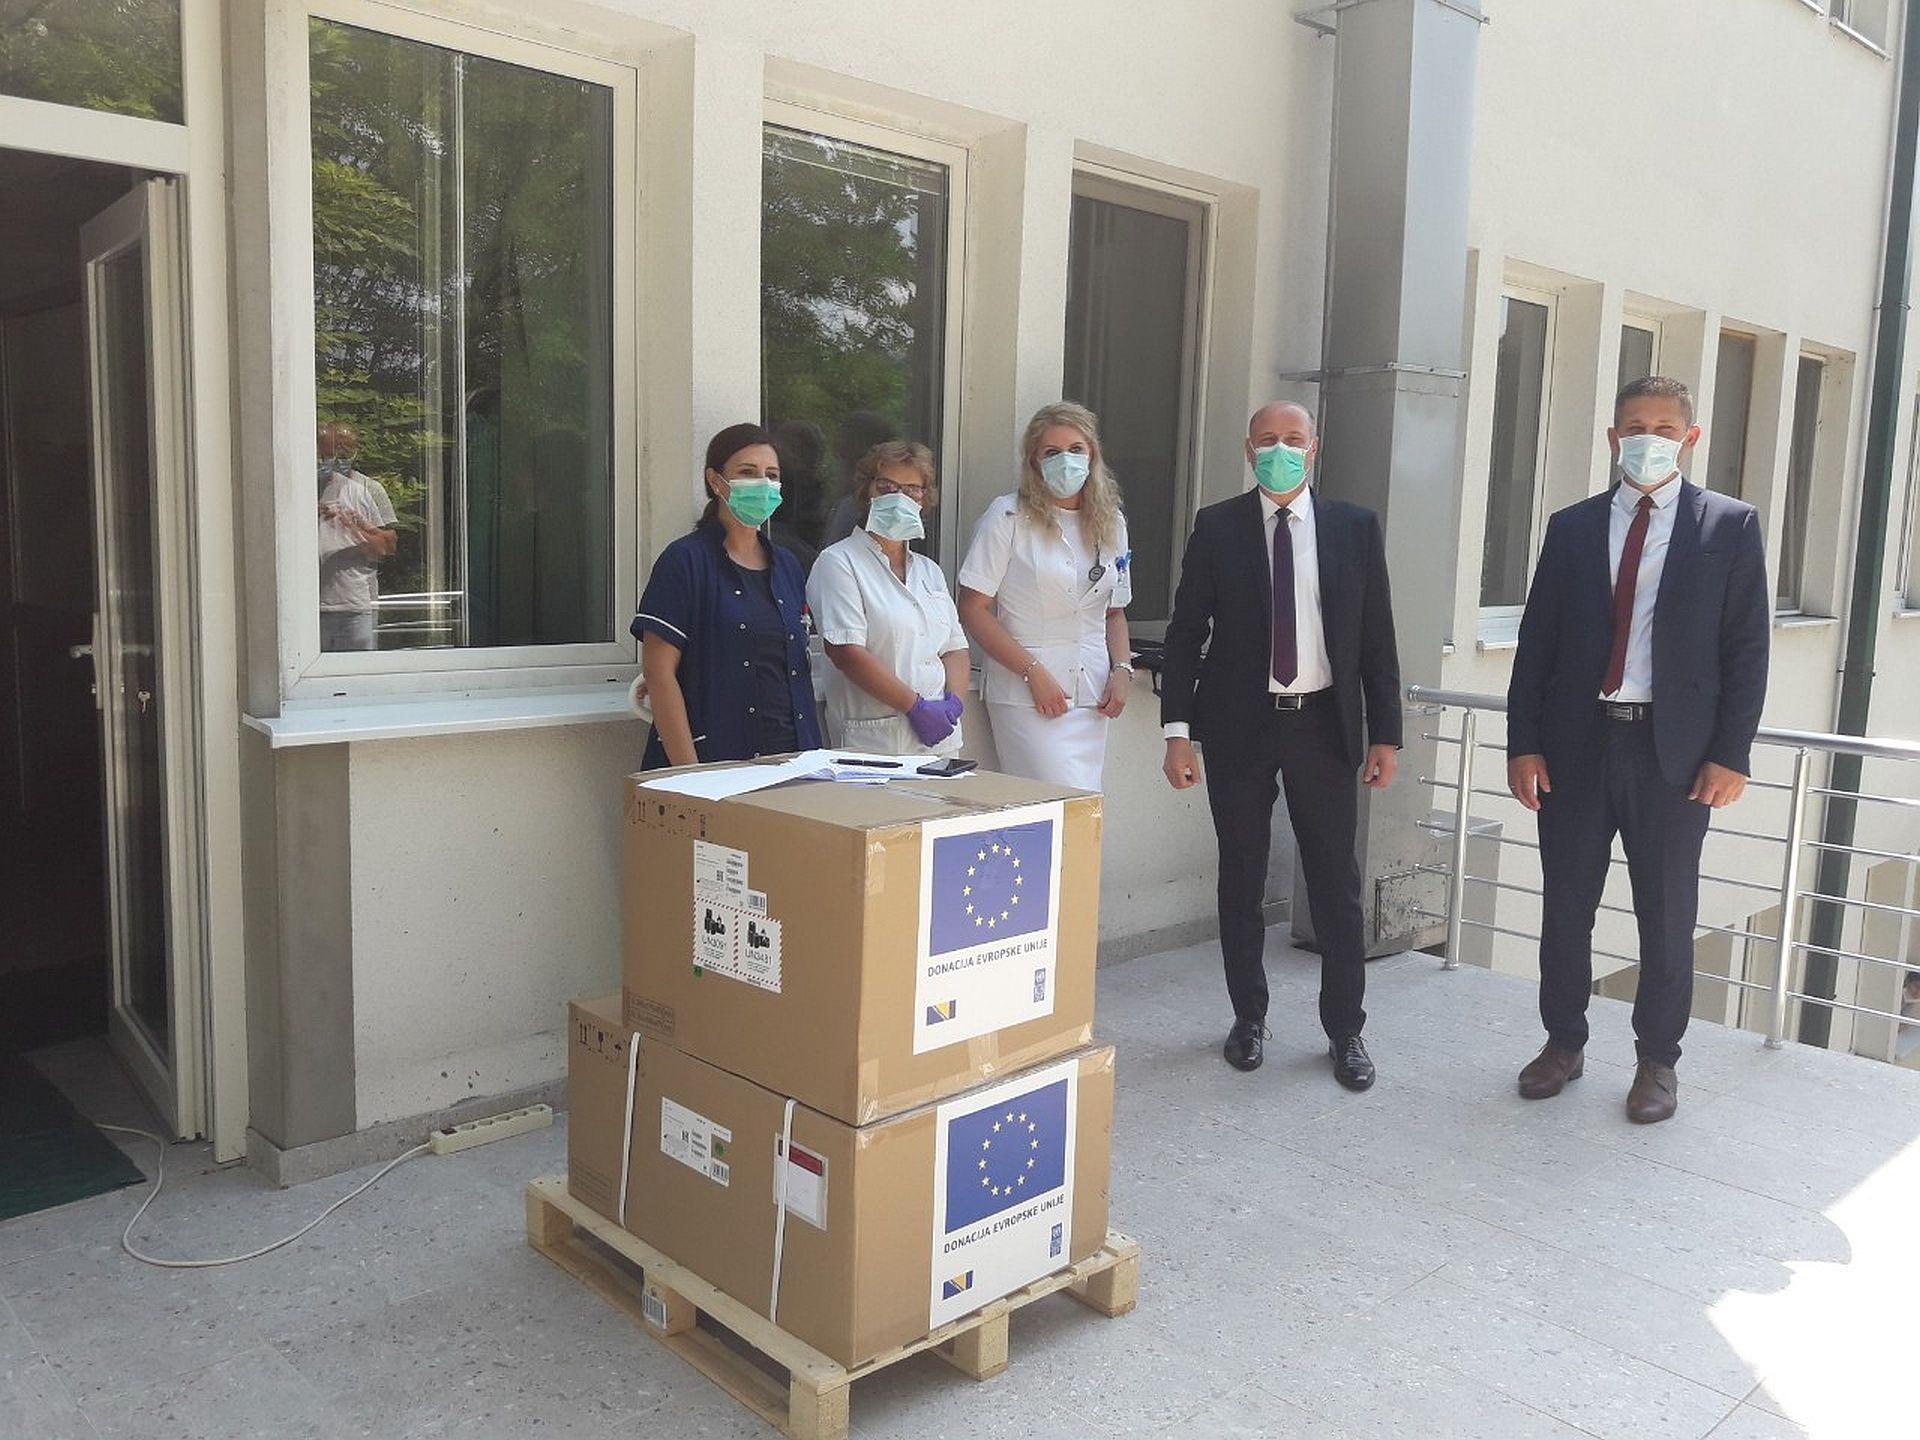 Općoj bolnici Tešanj uručen respirator koji je donirala Evropska unija